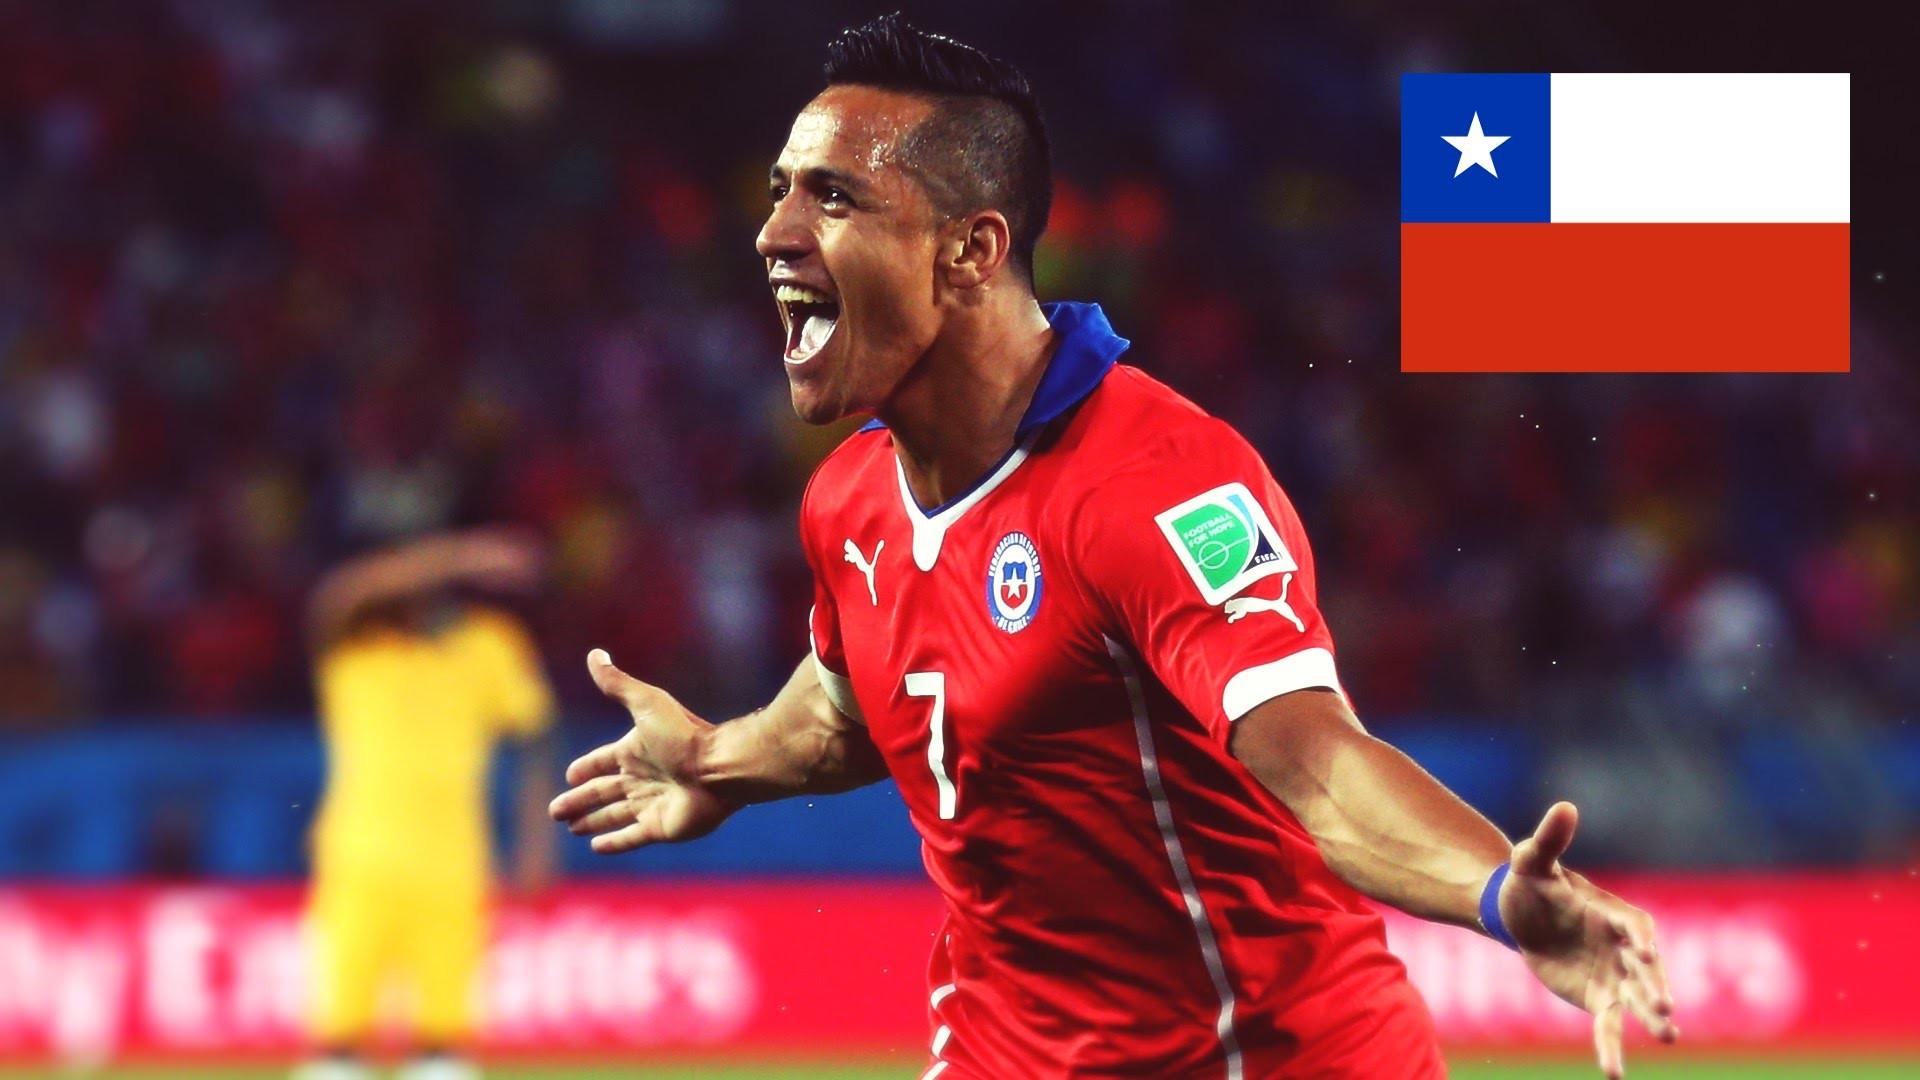 Đội hình ngôi sao khiến fan tiếc nuối vì vắng mặt ở World Cup 2018 - Ảnh 8.